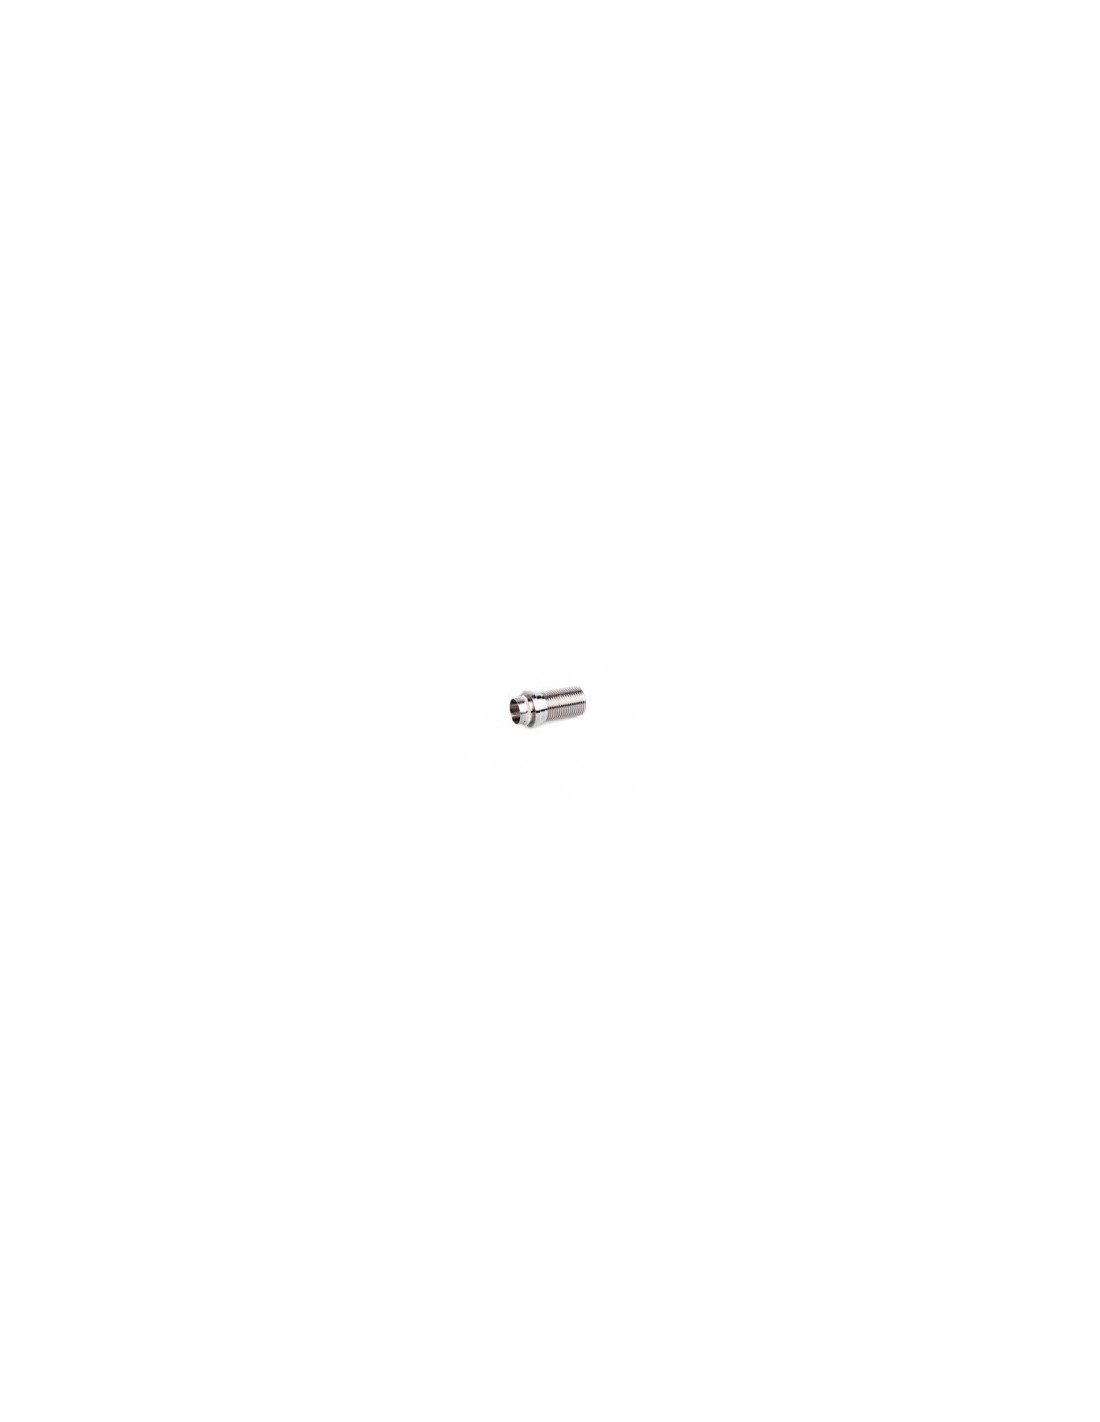 KOH01078 - Tillbehör - Bakstycke (shank) till tappkran 35mm (15)